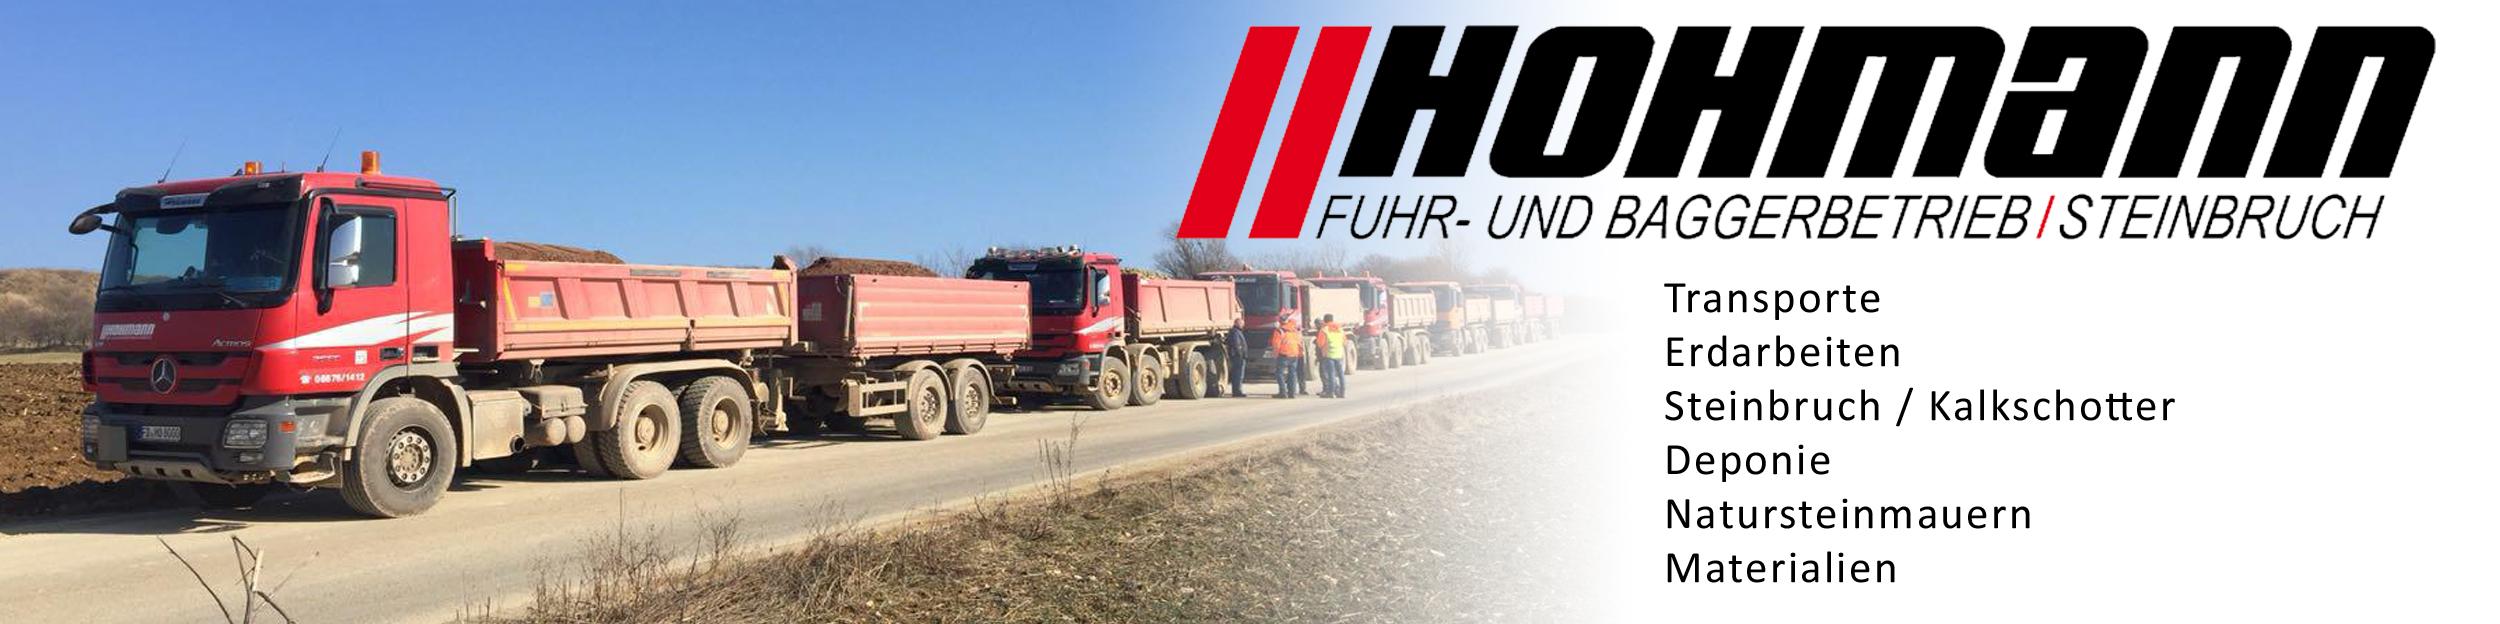 Hohmann Fuhr- und Baggerbetrieb